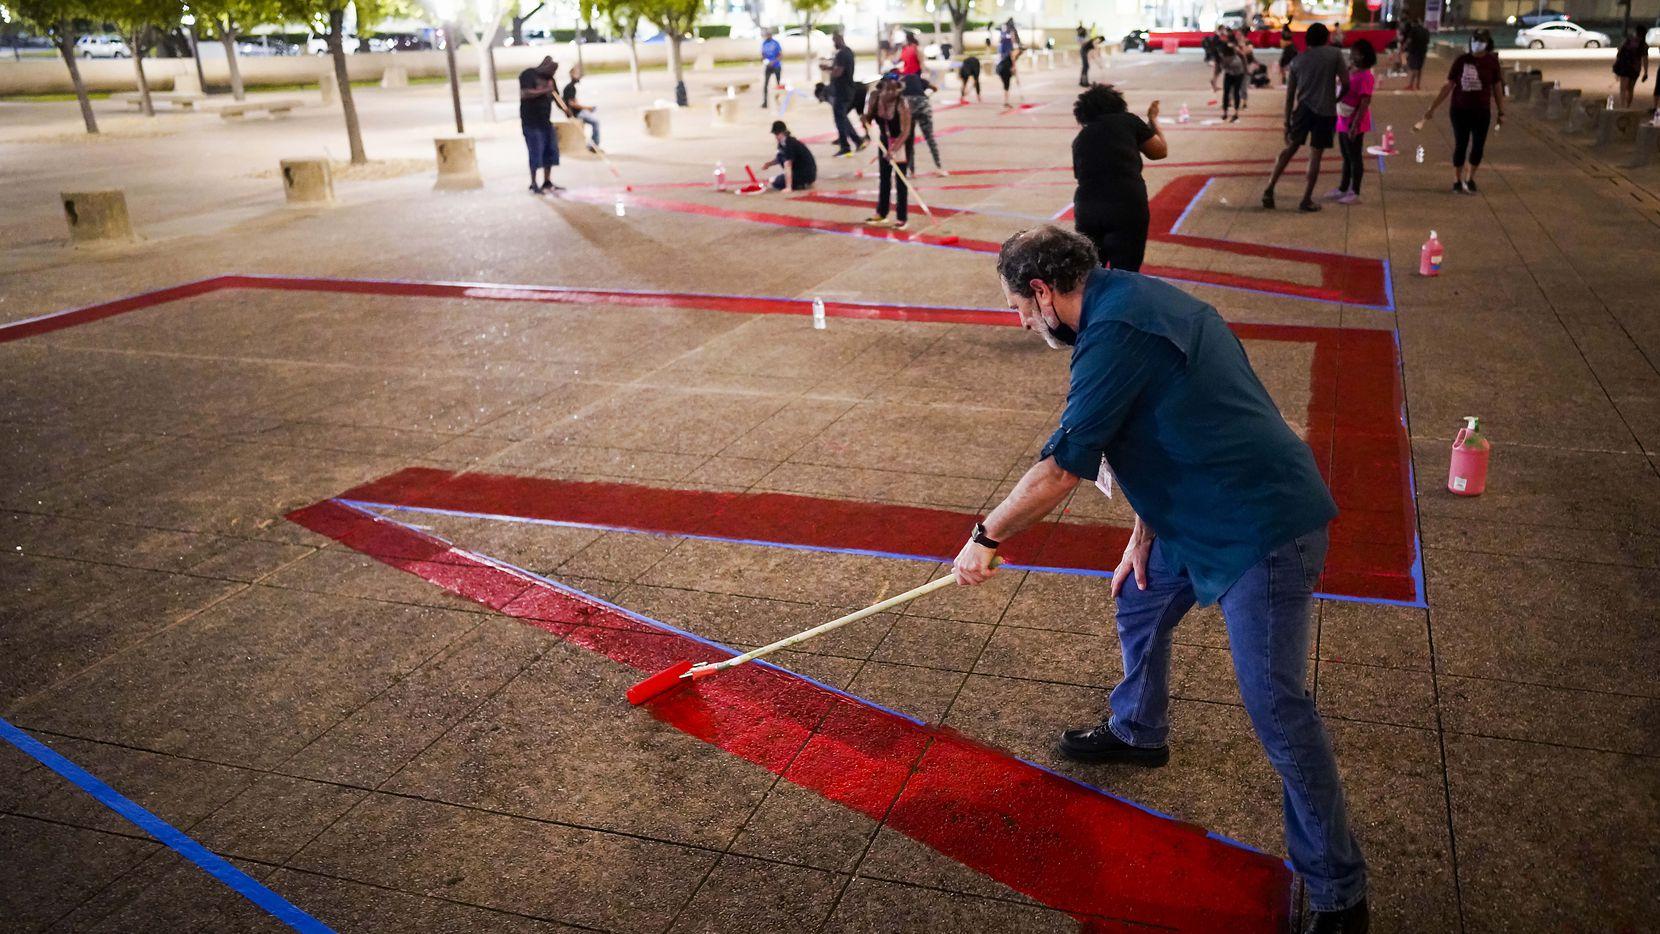 """El concejal Lee Kleinman ayuda a pintar un gran mensaje con la consigna """"Black Lives Matter"""" en la plaza de la alcaldía de Dallas la noche del lunes 8 de junio de 2020."""